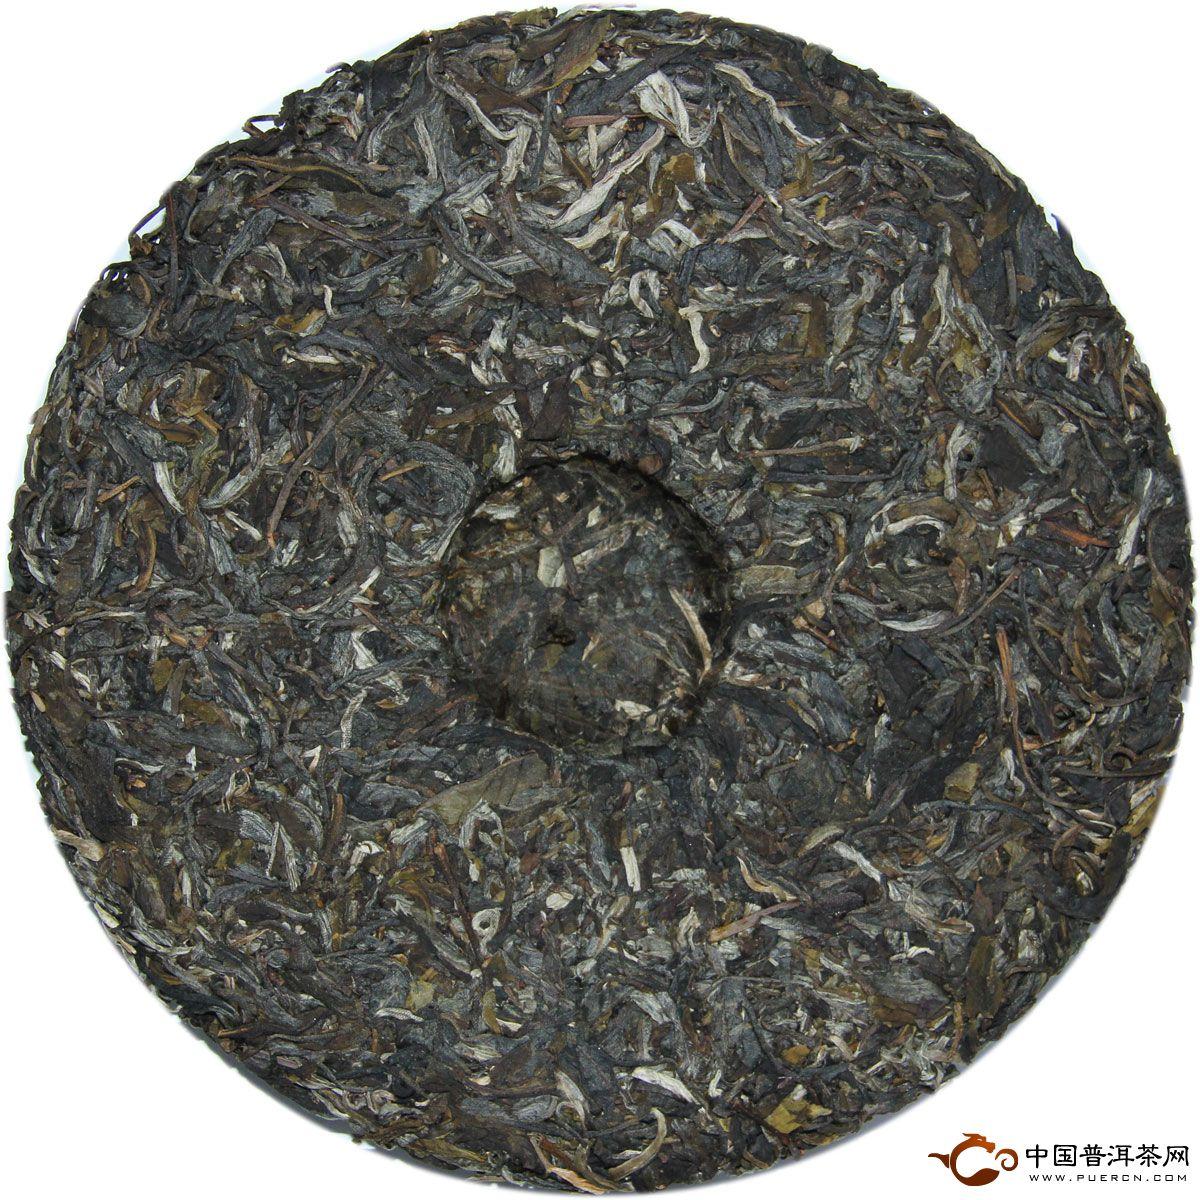 2012年陈升号普洱茶陈升易武(生茶) 357克